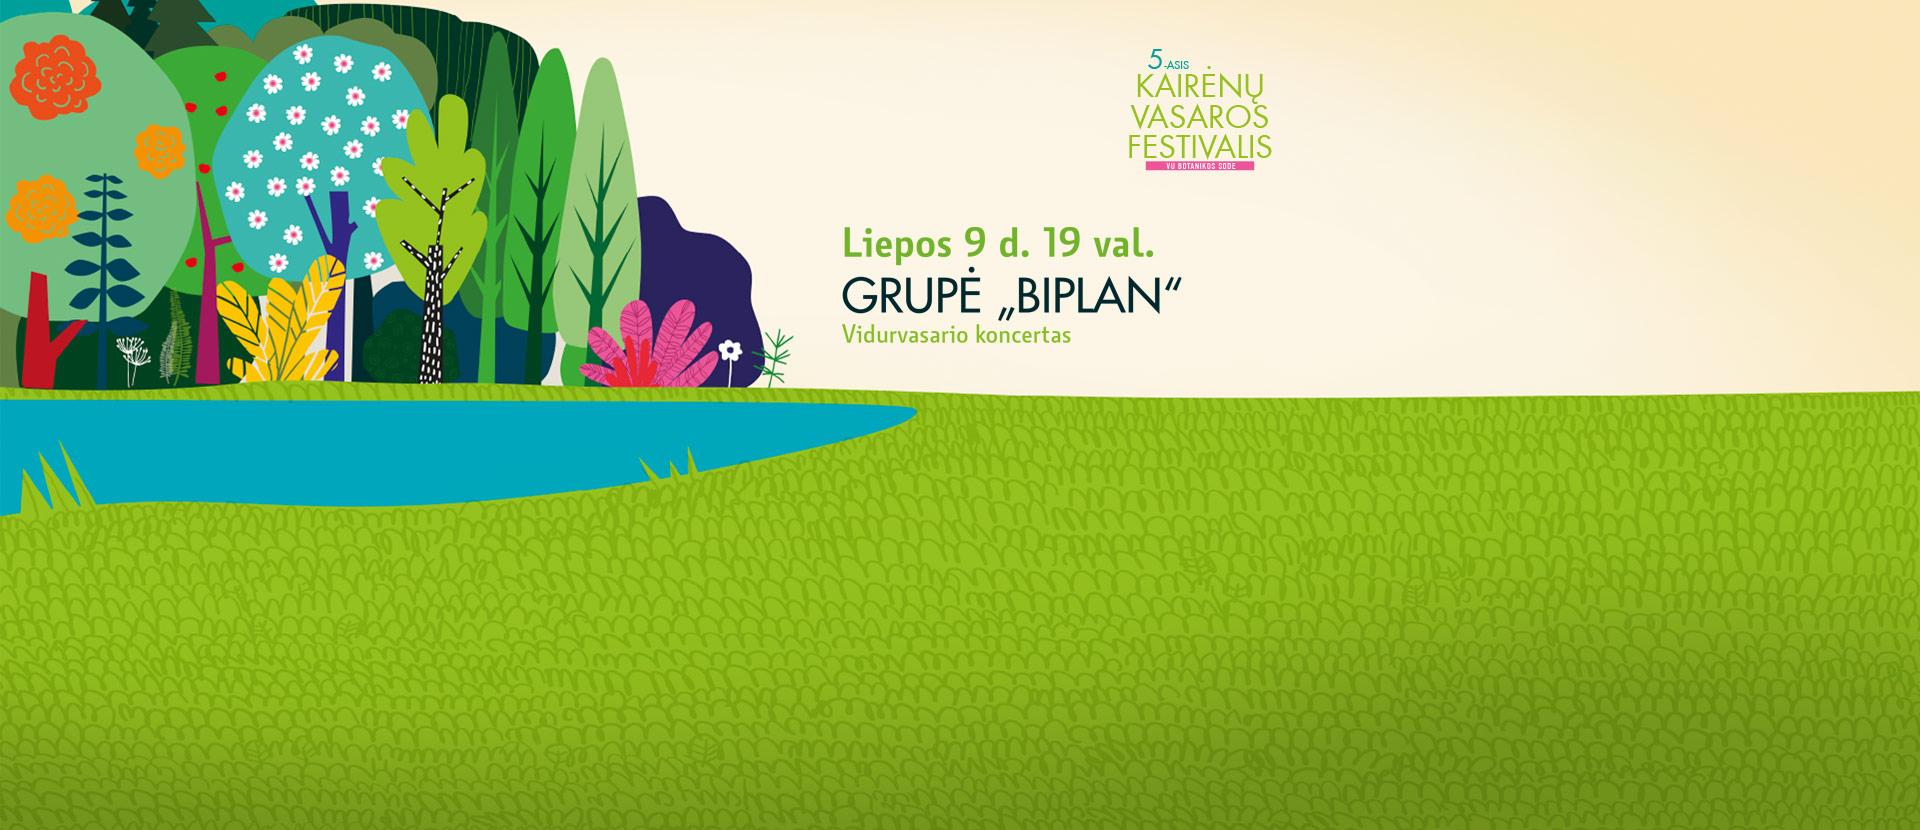 Kairėnų vasaros festivalis: Biplan